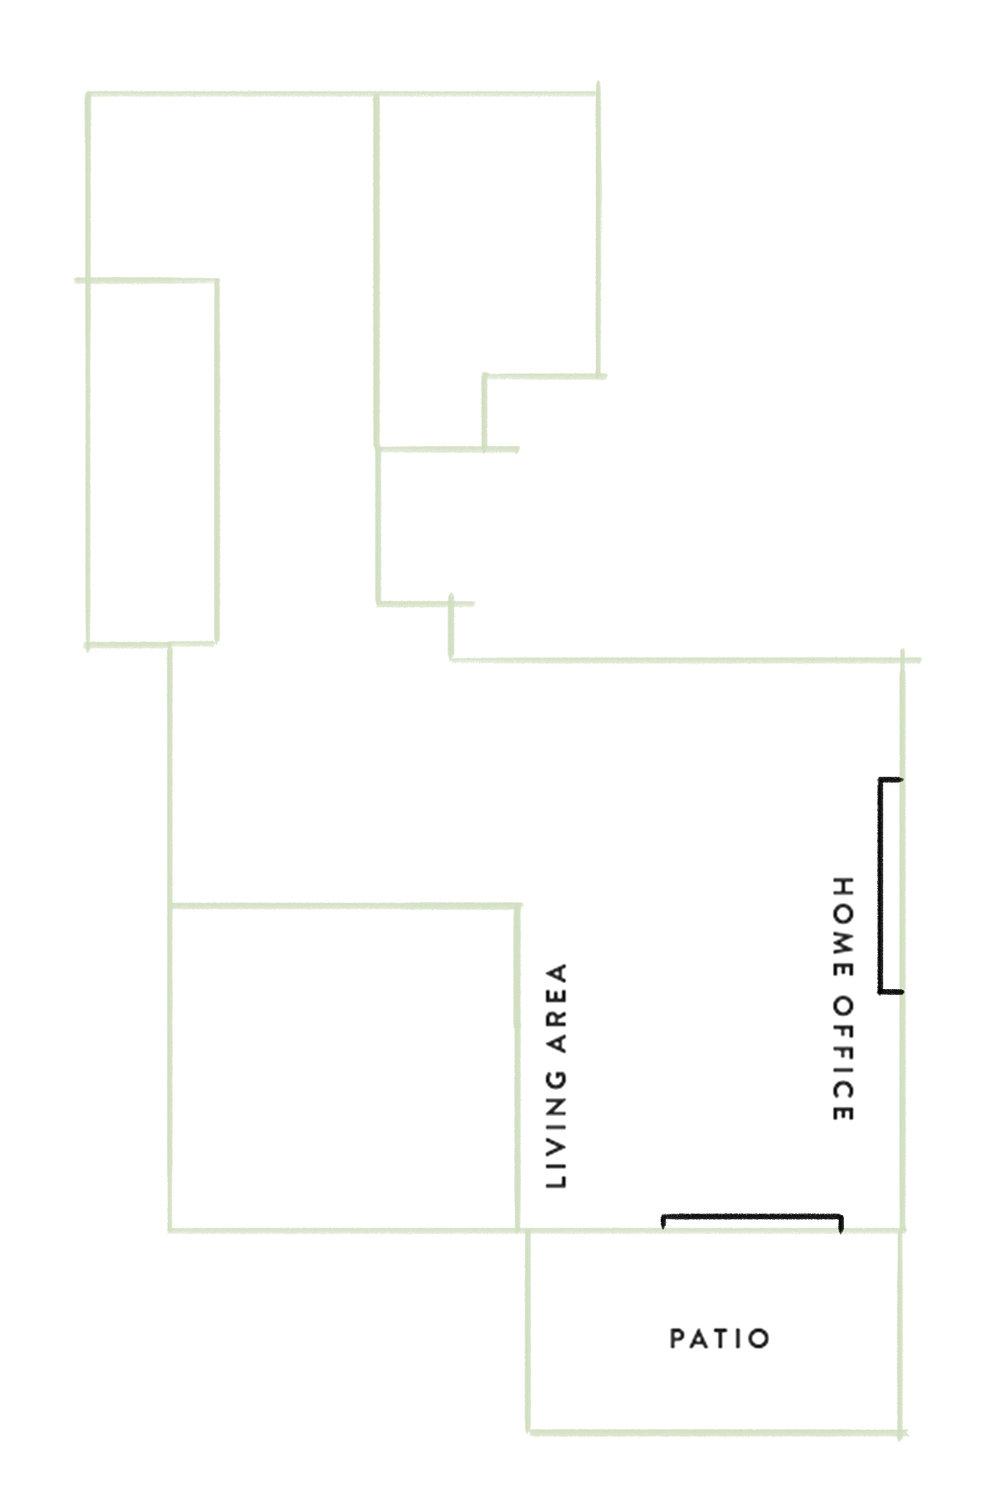 1 bdrm - 525 sq ft copy.jpg